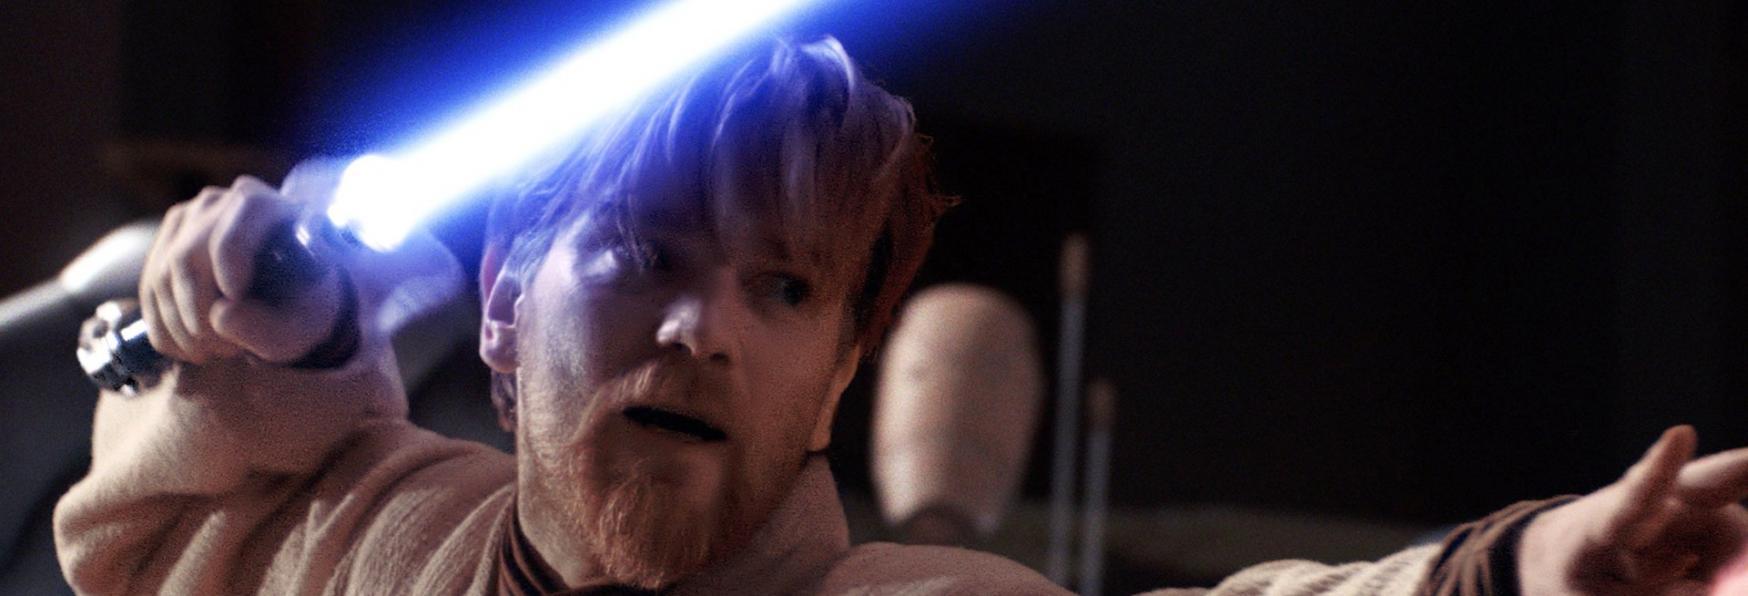 Obi-Wan Kenobi: gli Ultimi Aggiornamenti sulla Serie TV Inedita ambientata nell'Universo Star Wars